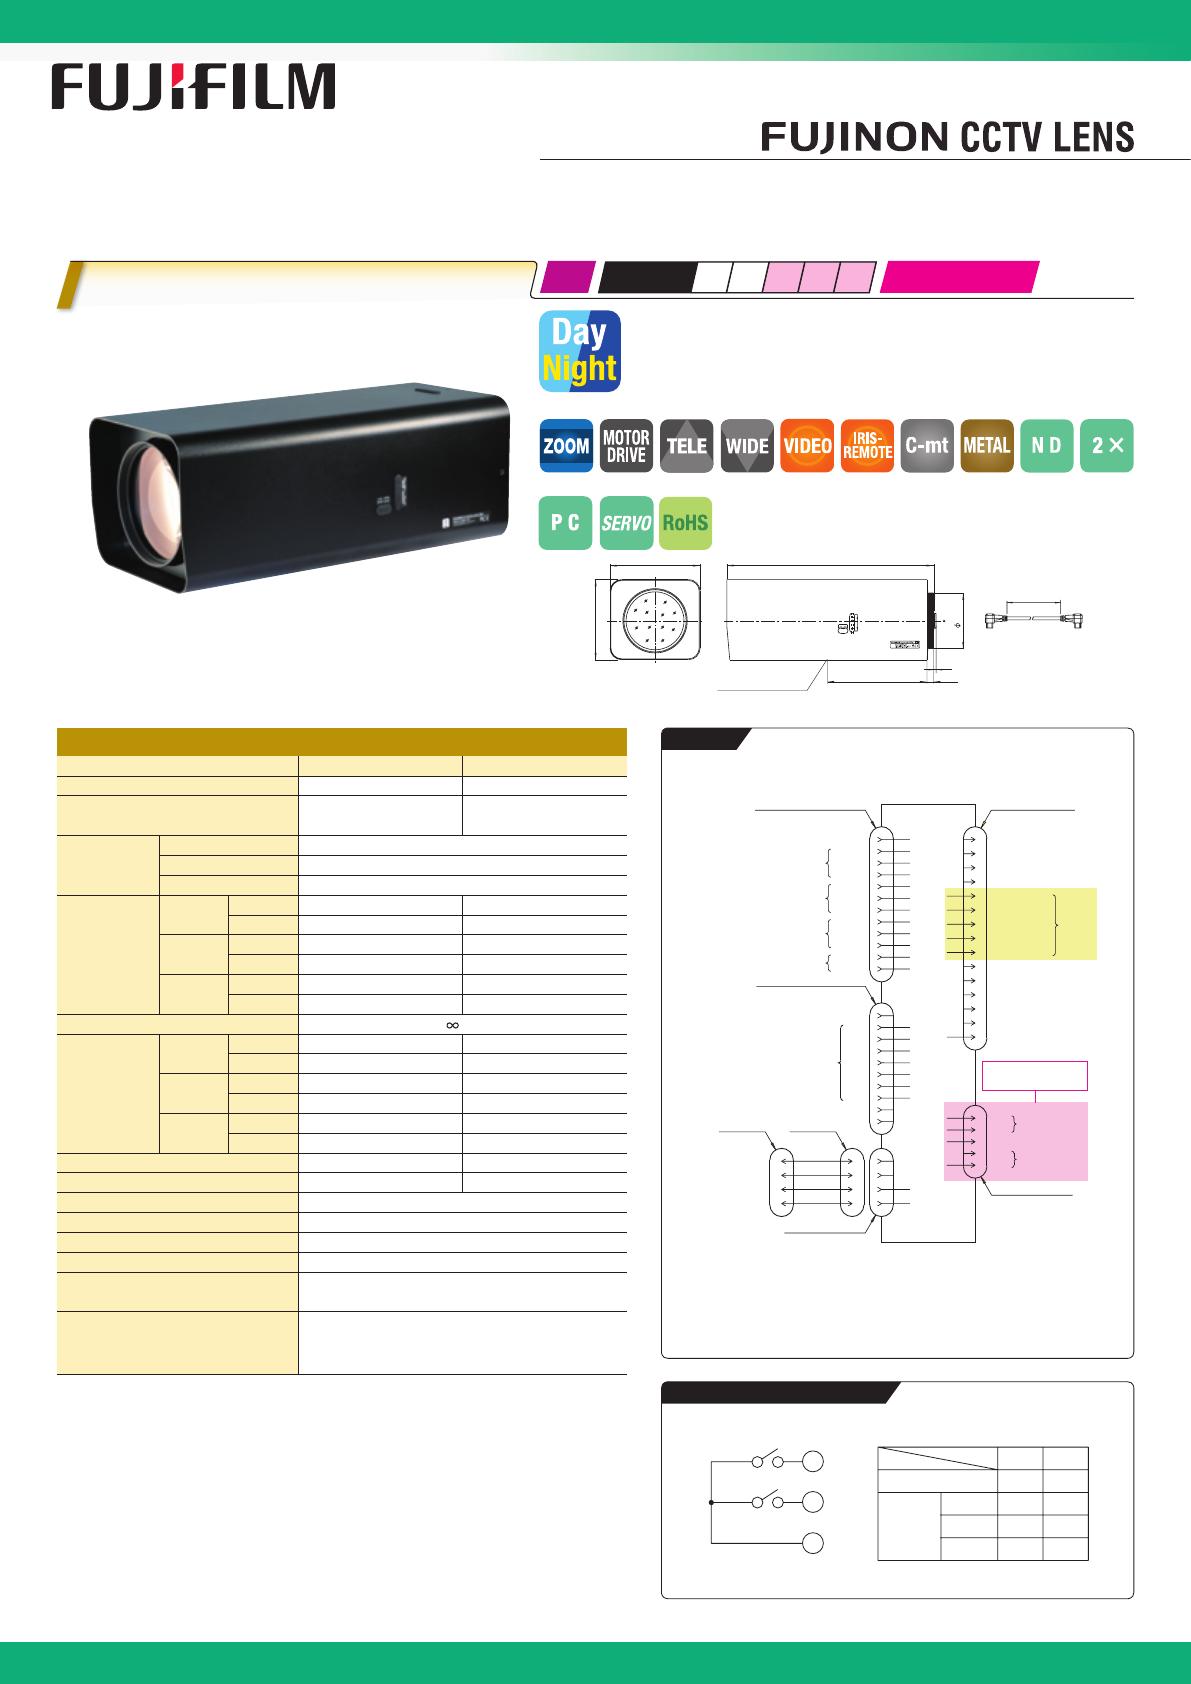 FujiFilm Camera Lens D60X12 5R3DE-ZP1 User Guide